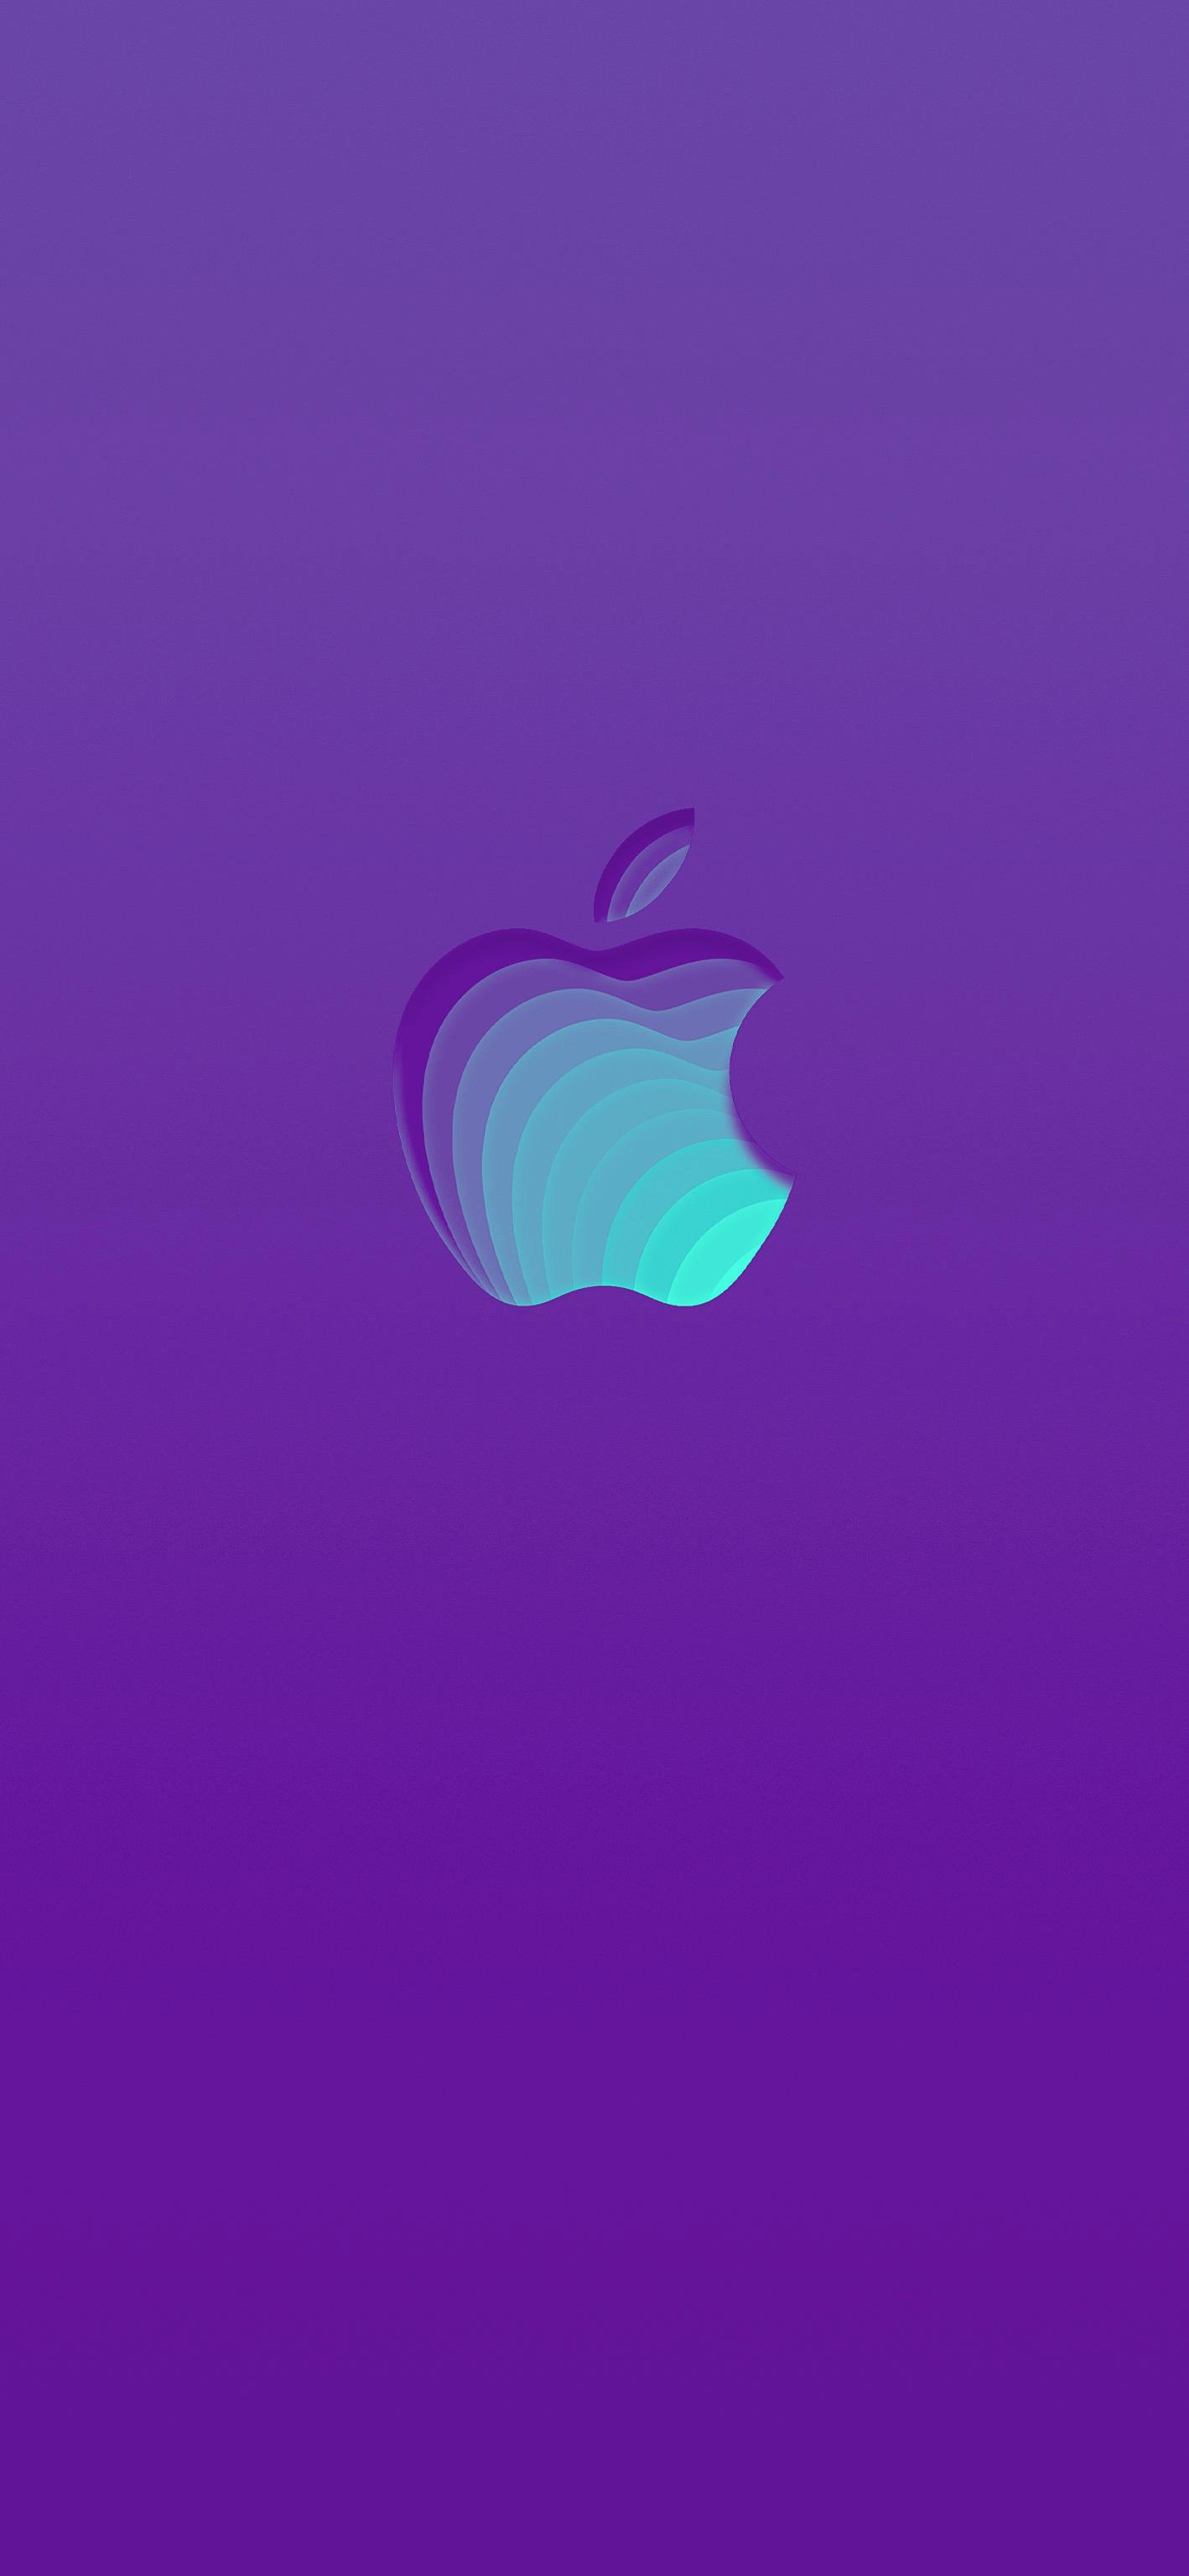 Ios13 Iphonewallpaper Apple Logo Colorful Darkmode